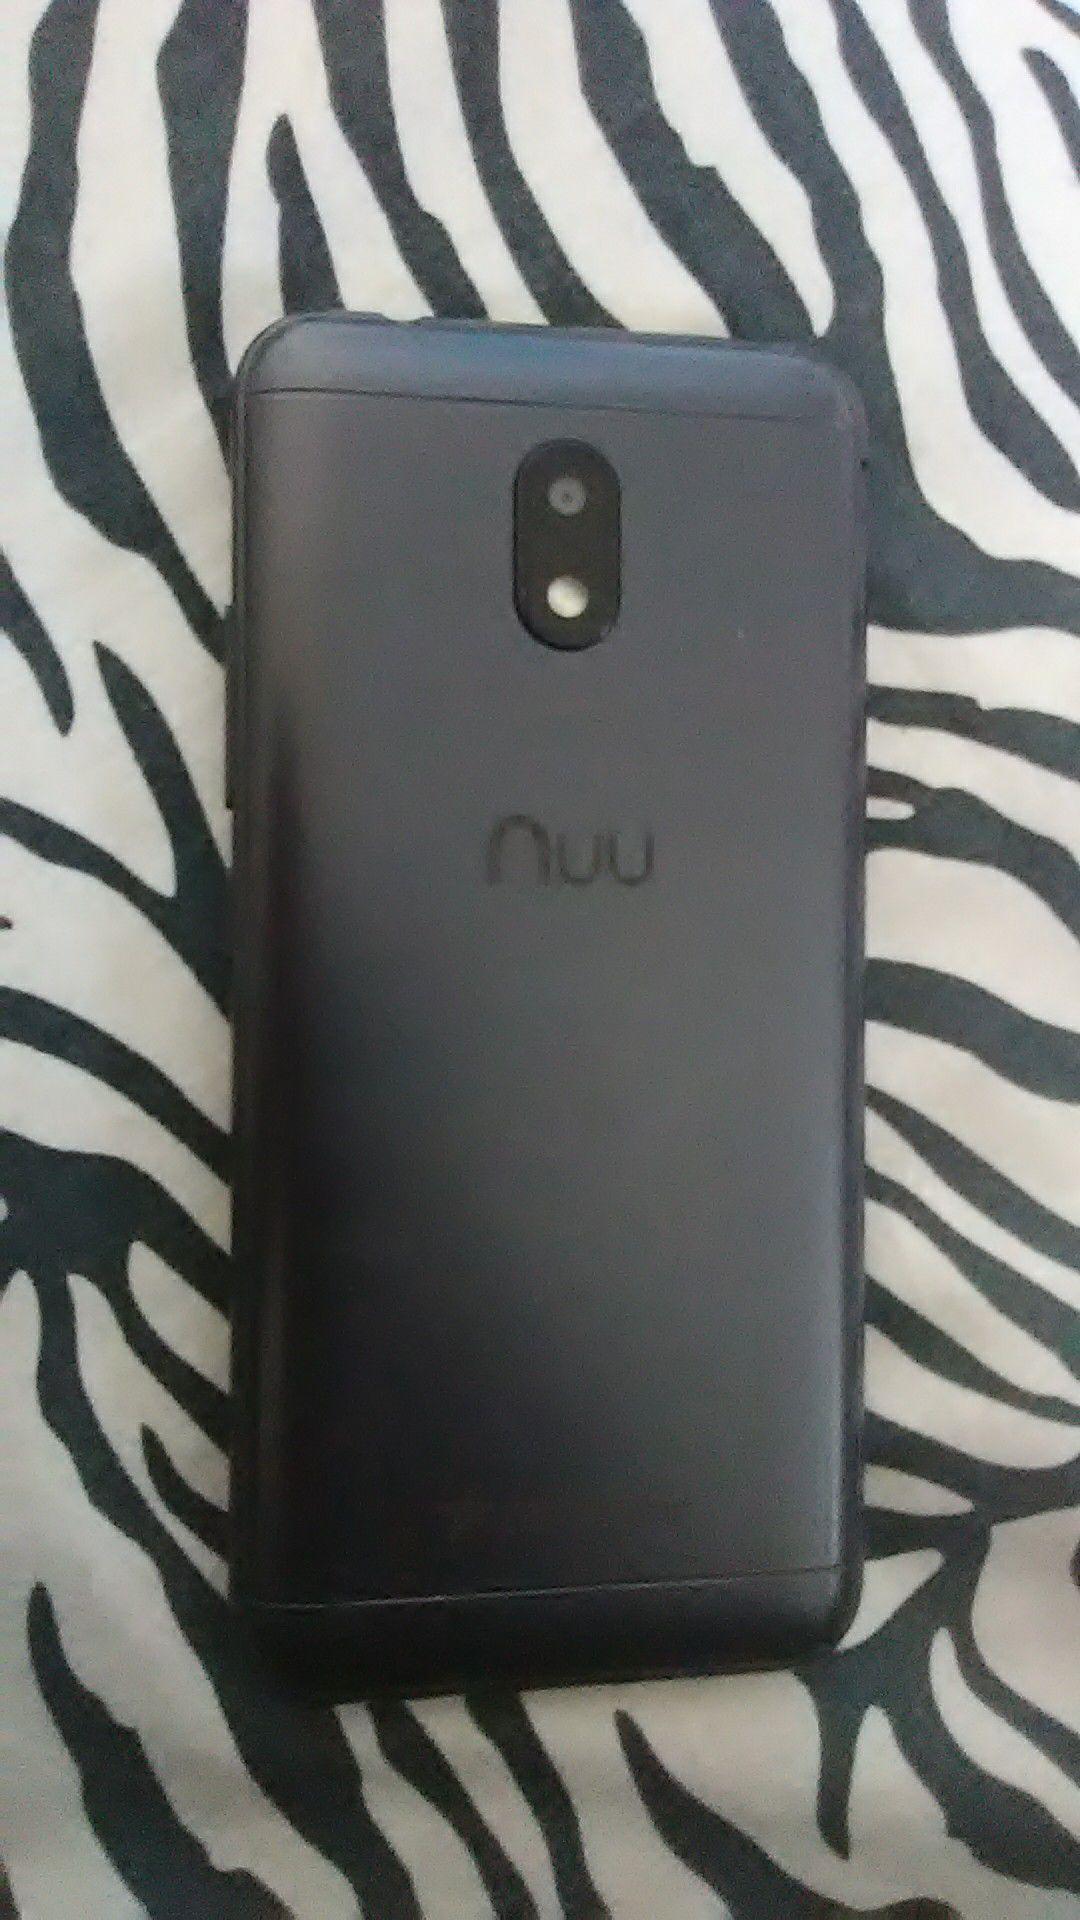 Nuu 6 Us Cellular unlocked